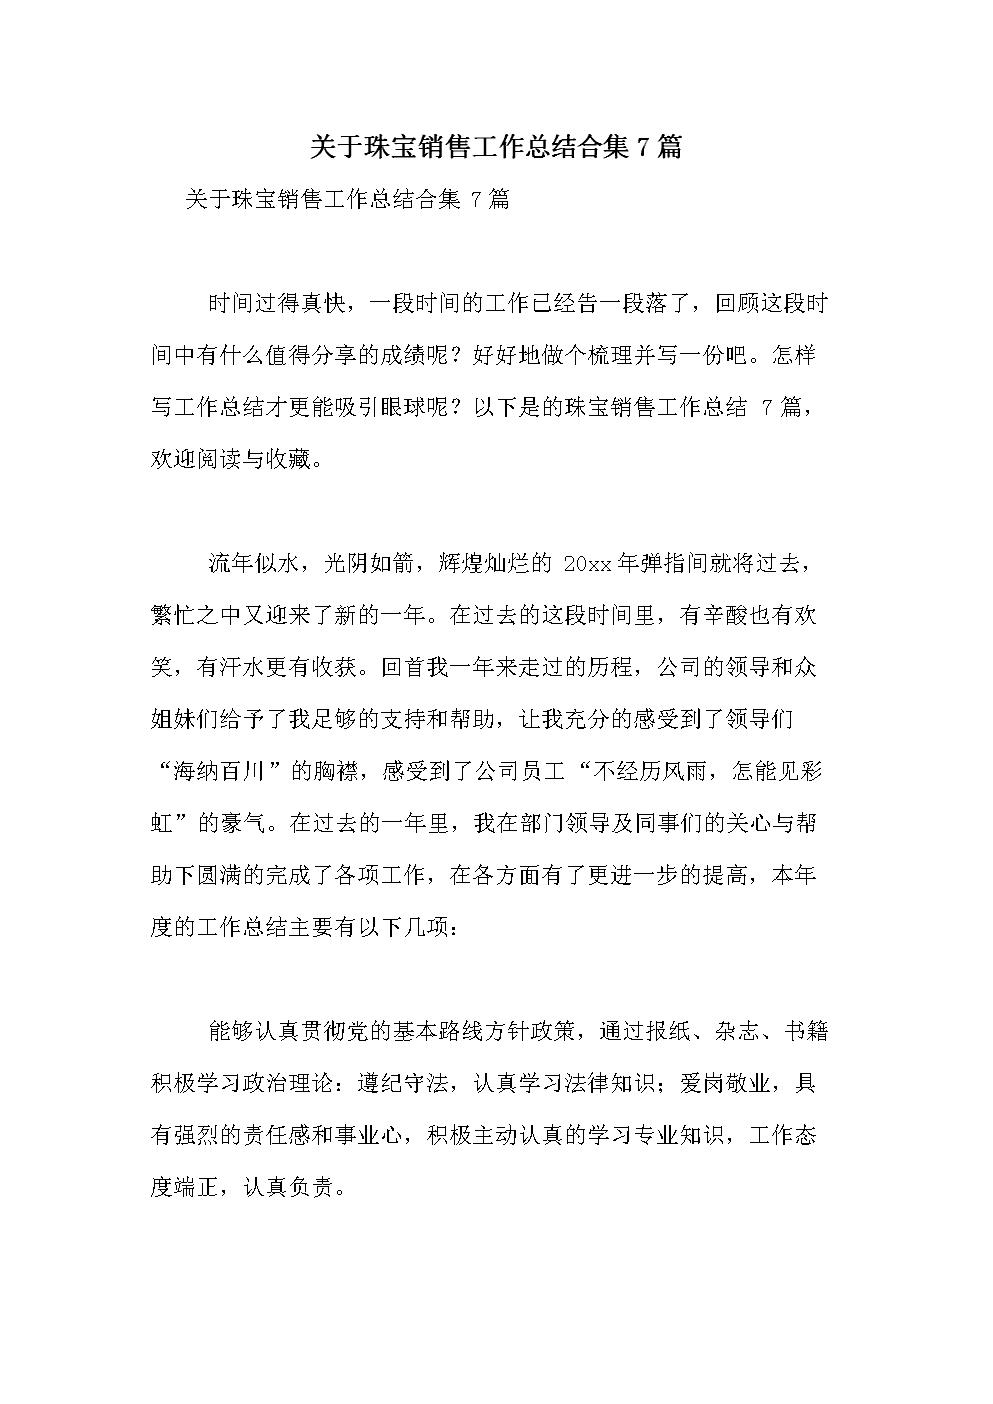 关于珠宝销售工作总结合集7篇.doc